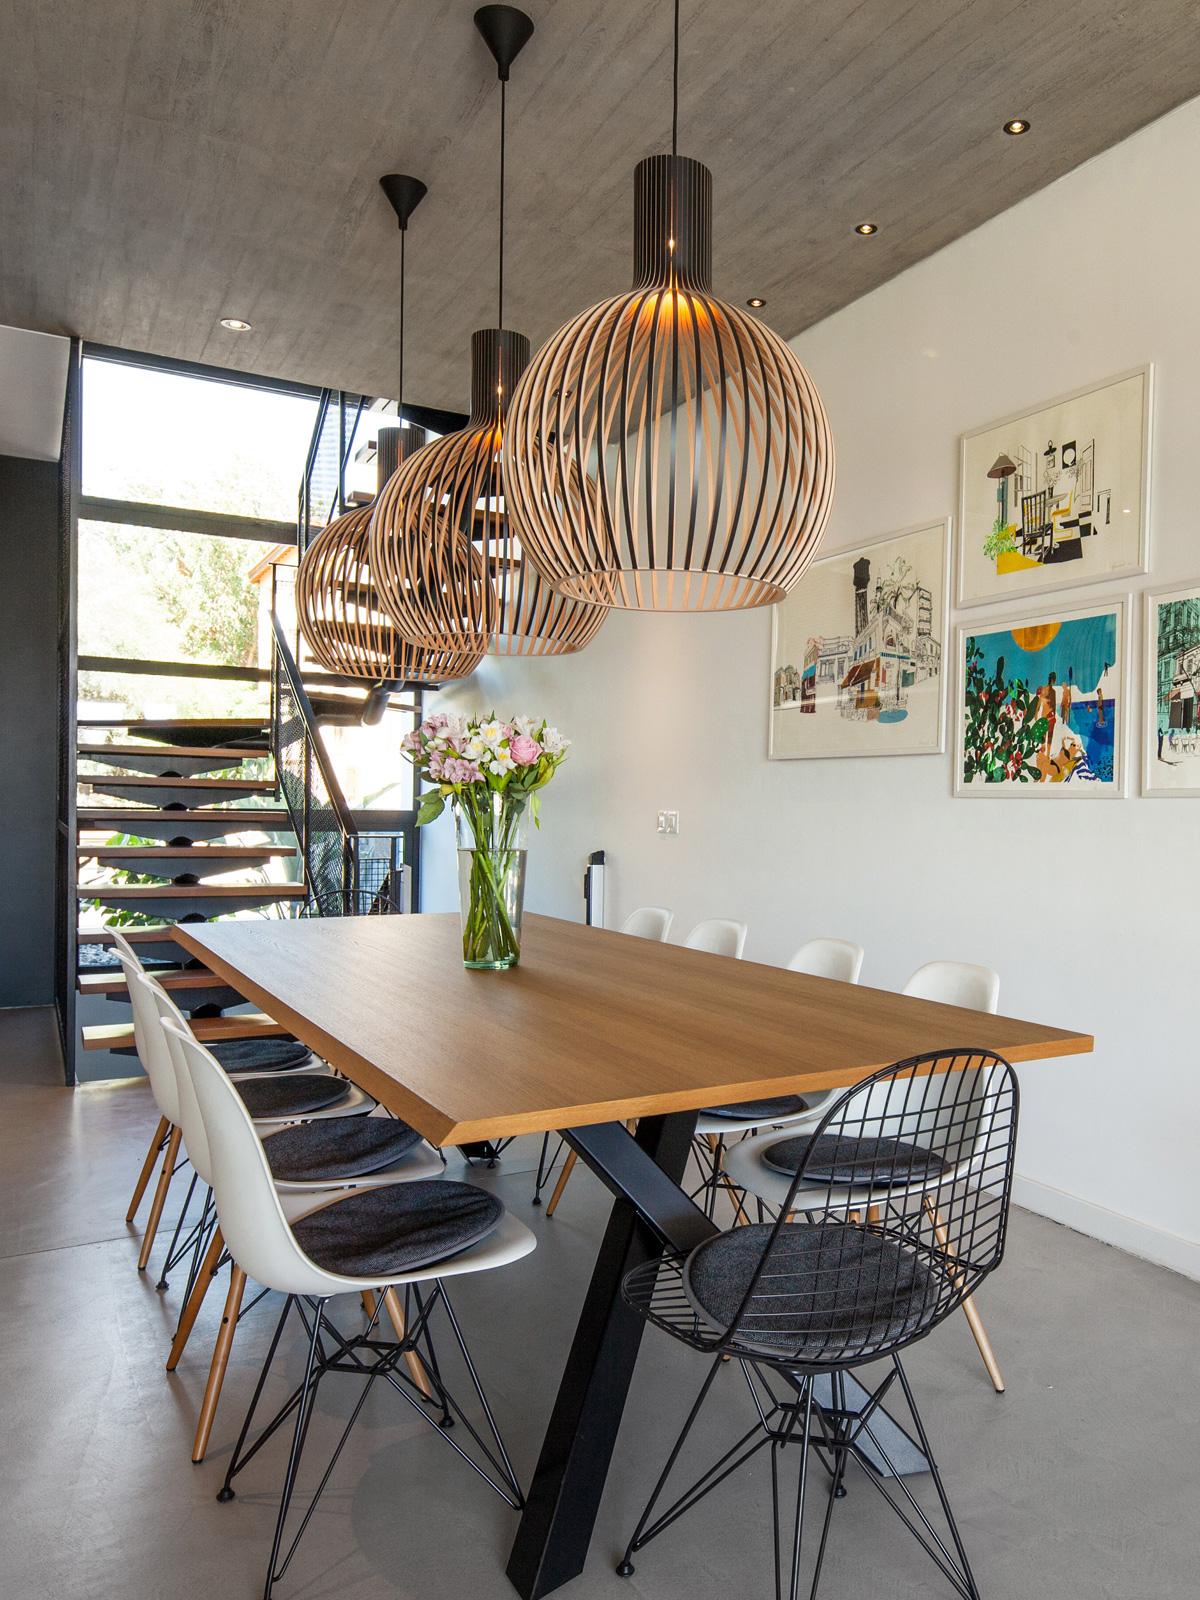 DesignOrt Blog: Dreierhängung von Pendelleuchten Octo 4240 Trio von Secto Design